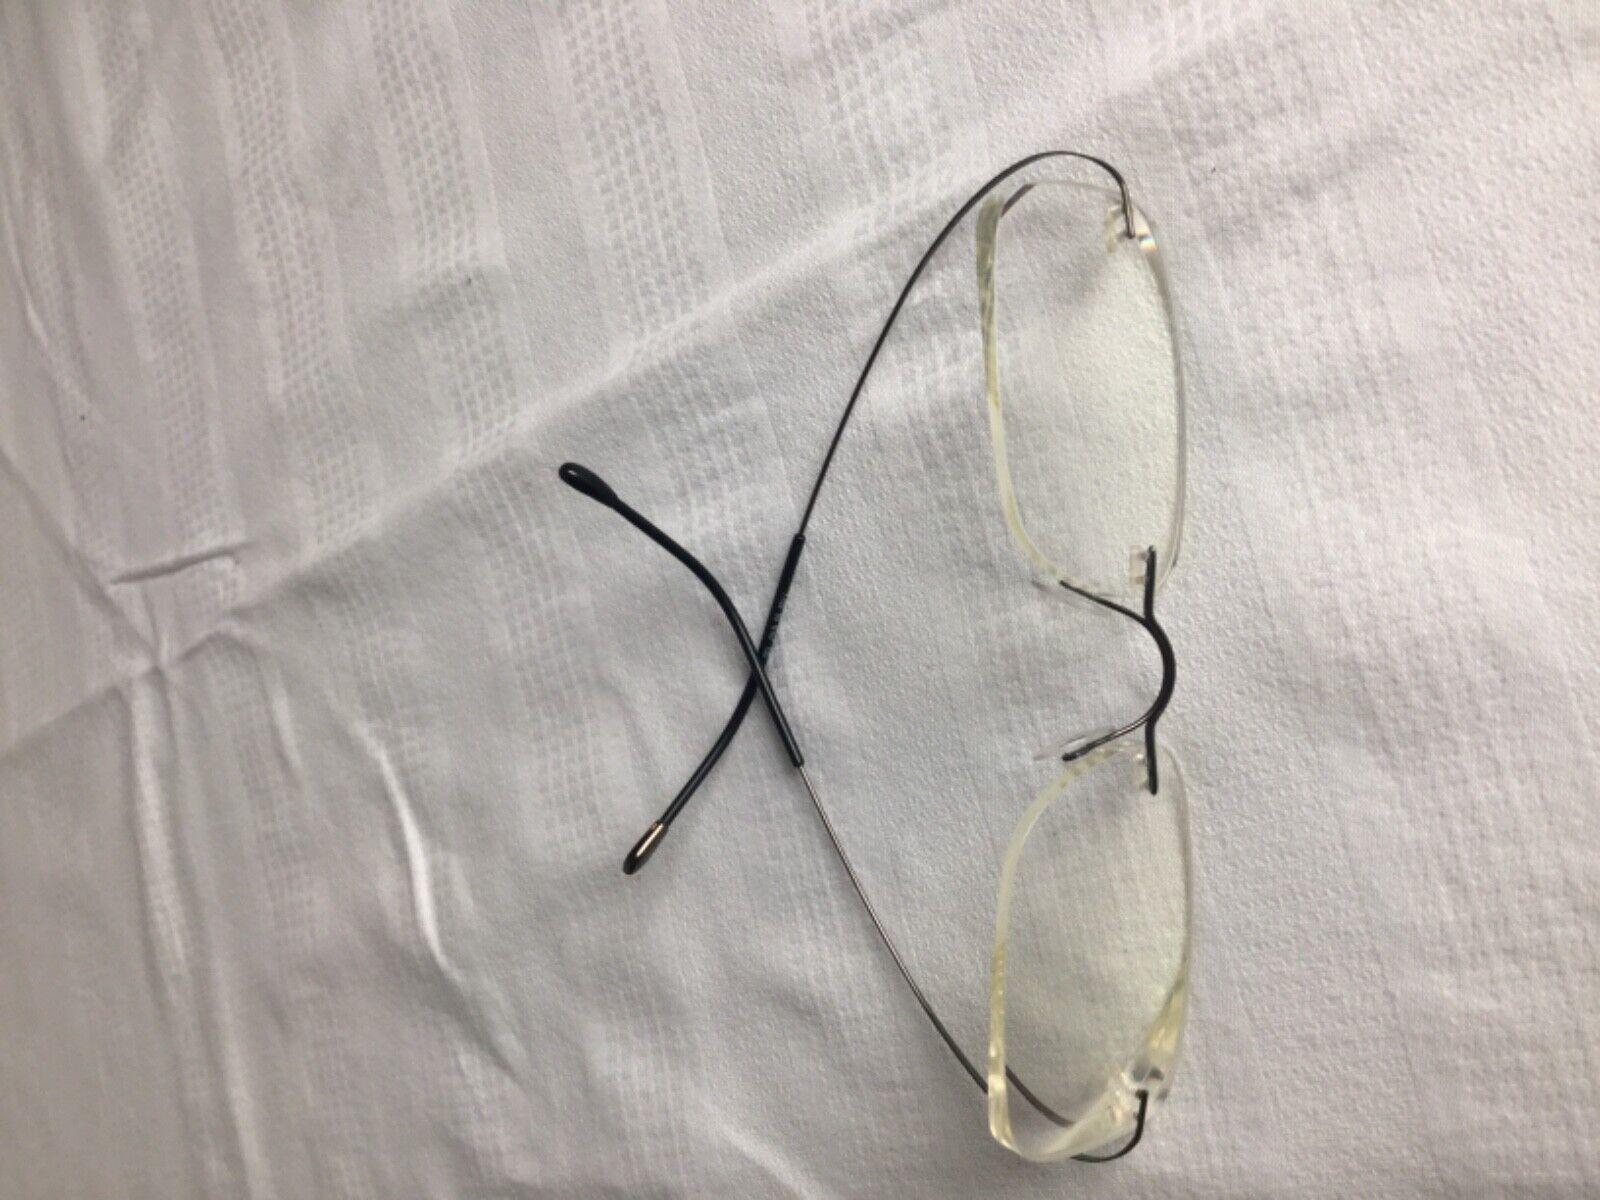 Silhouette Brille mit Brillenfassung aus Titan ultraleicht leicht 11g